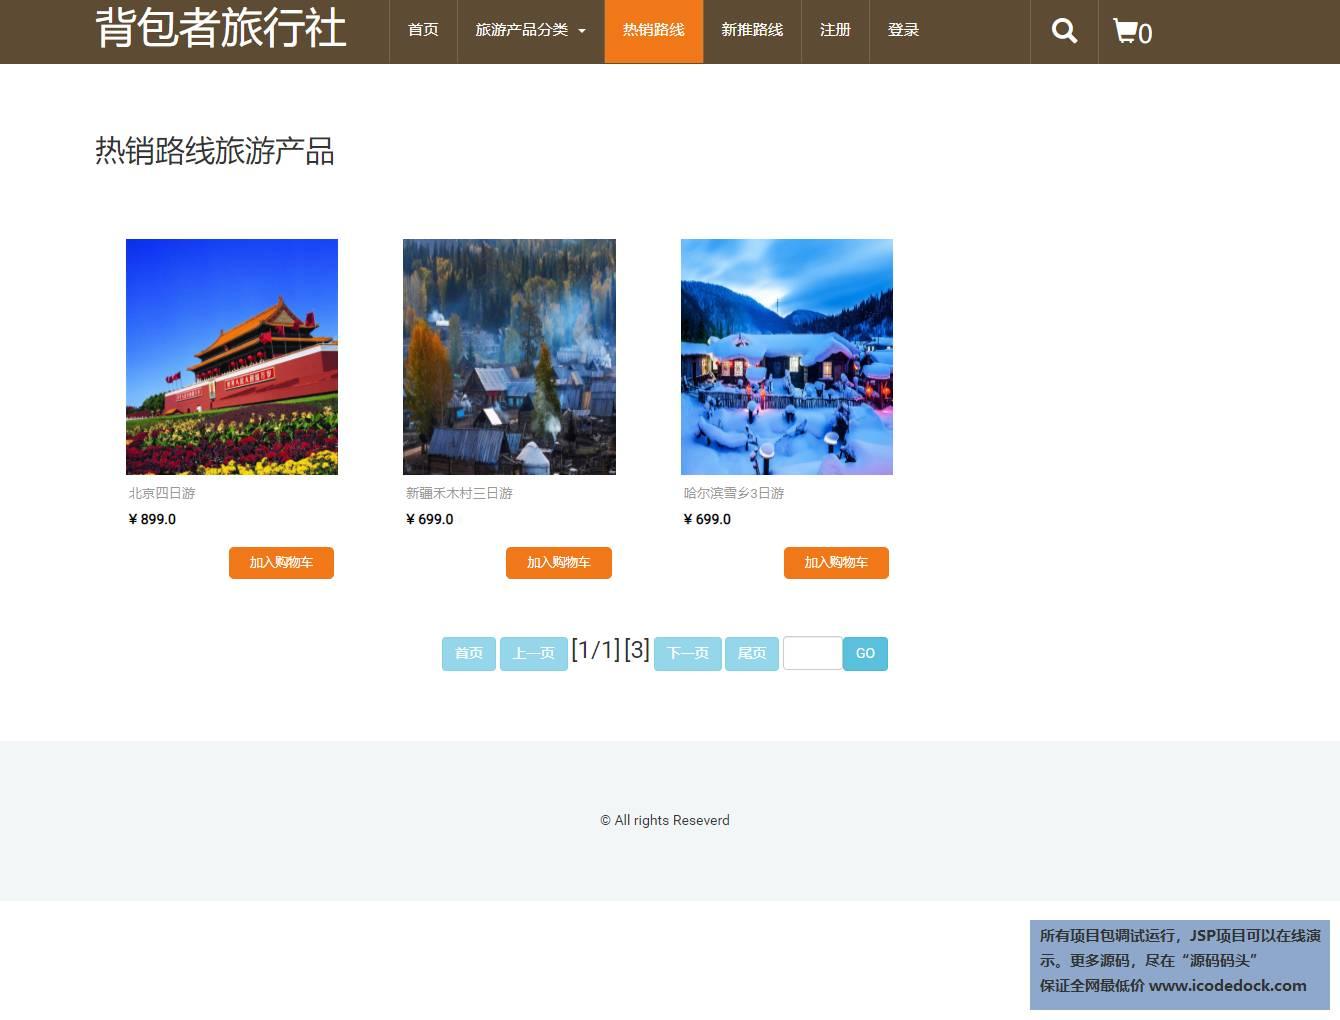 源码码头-JSP旅游产品销售管理系统-用户角色-热销旅行路线